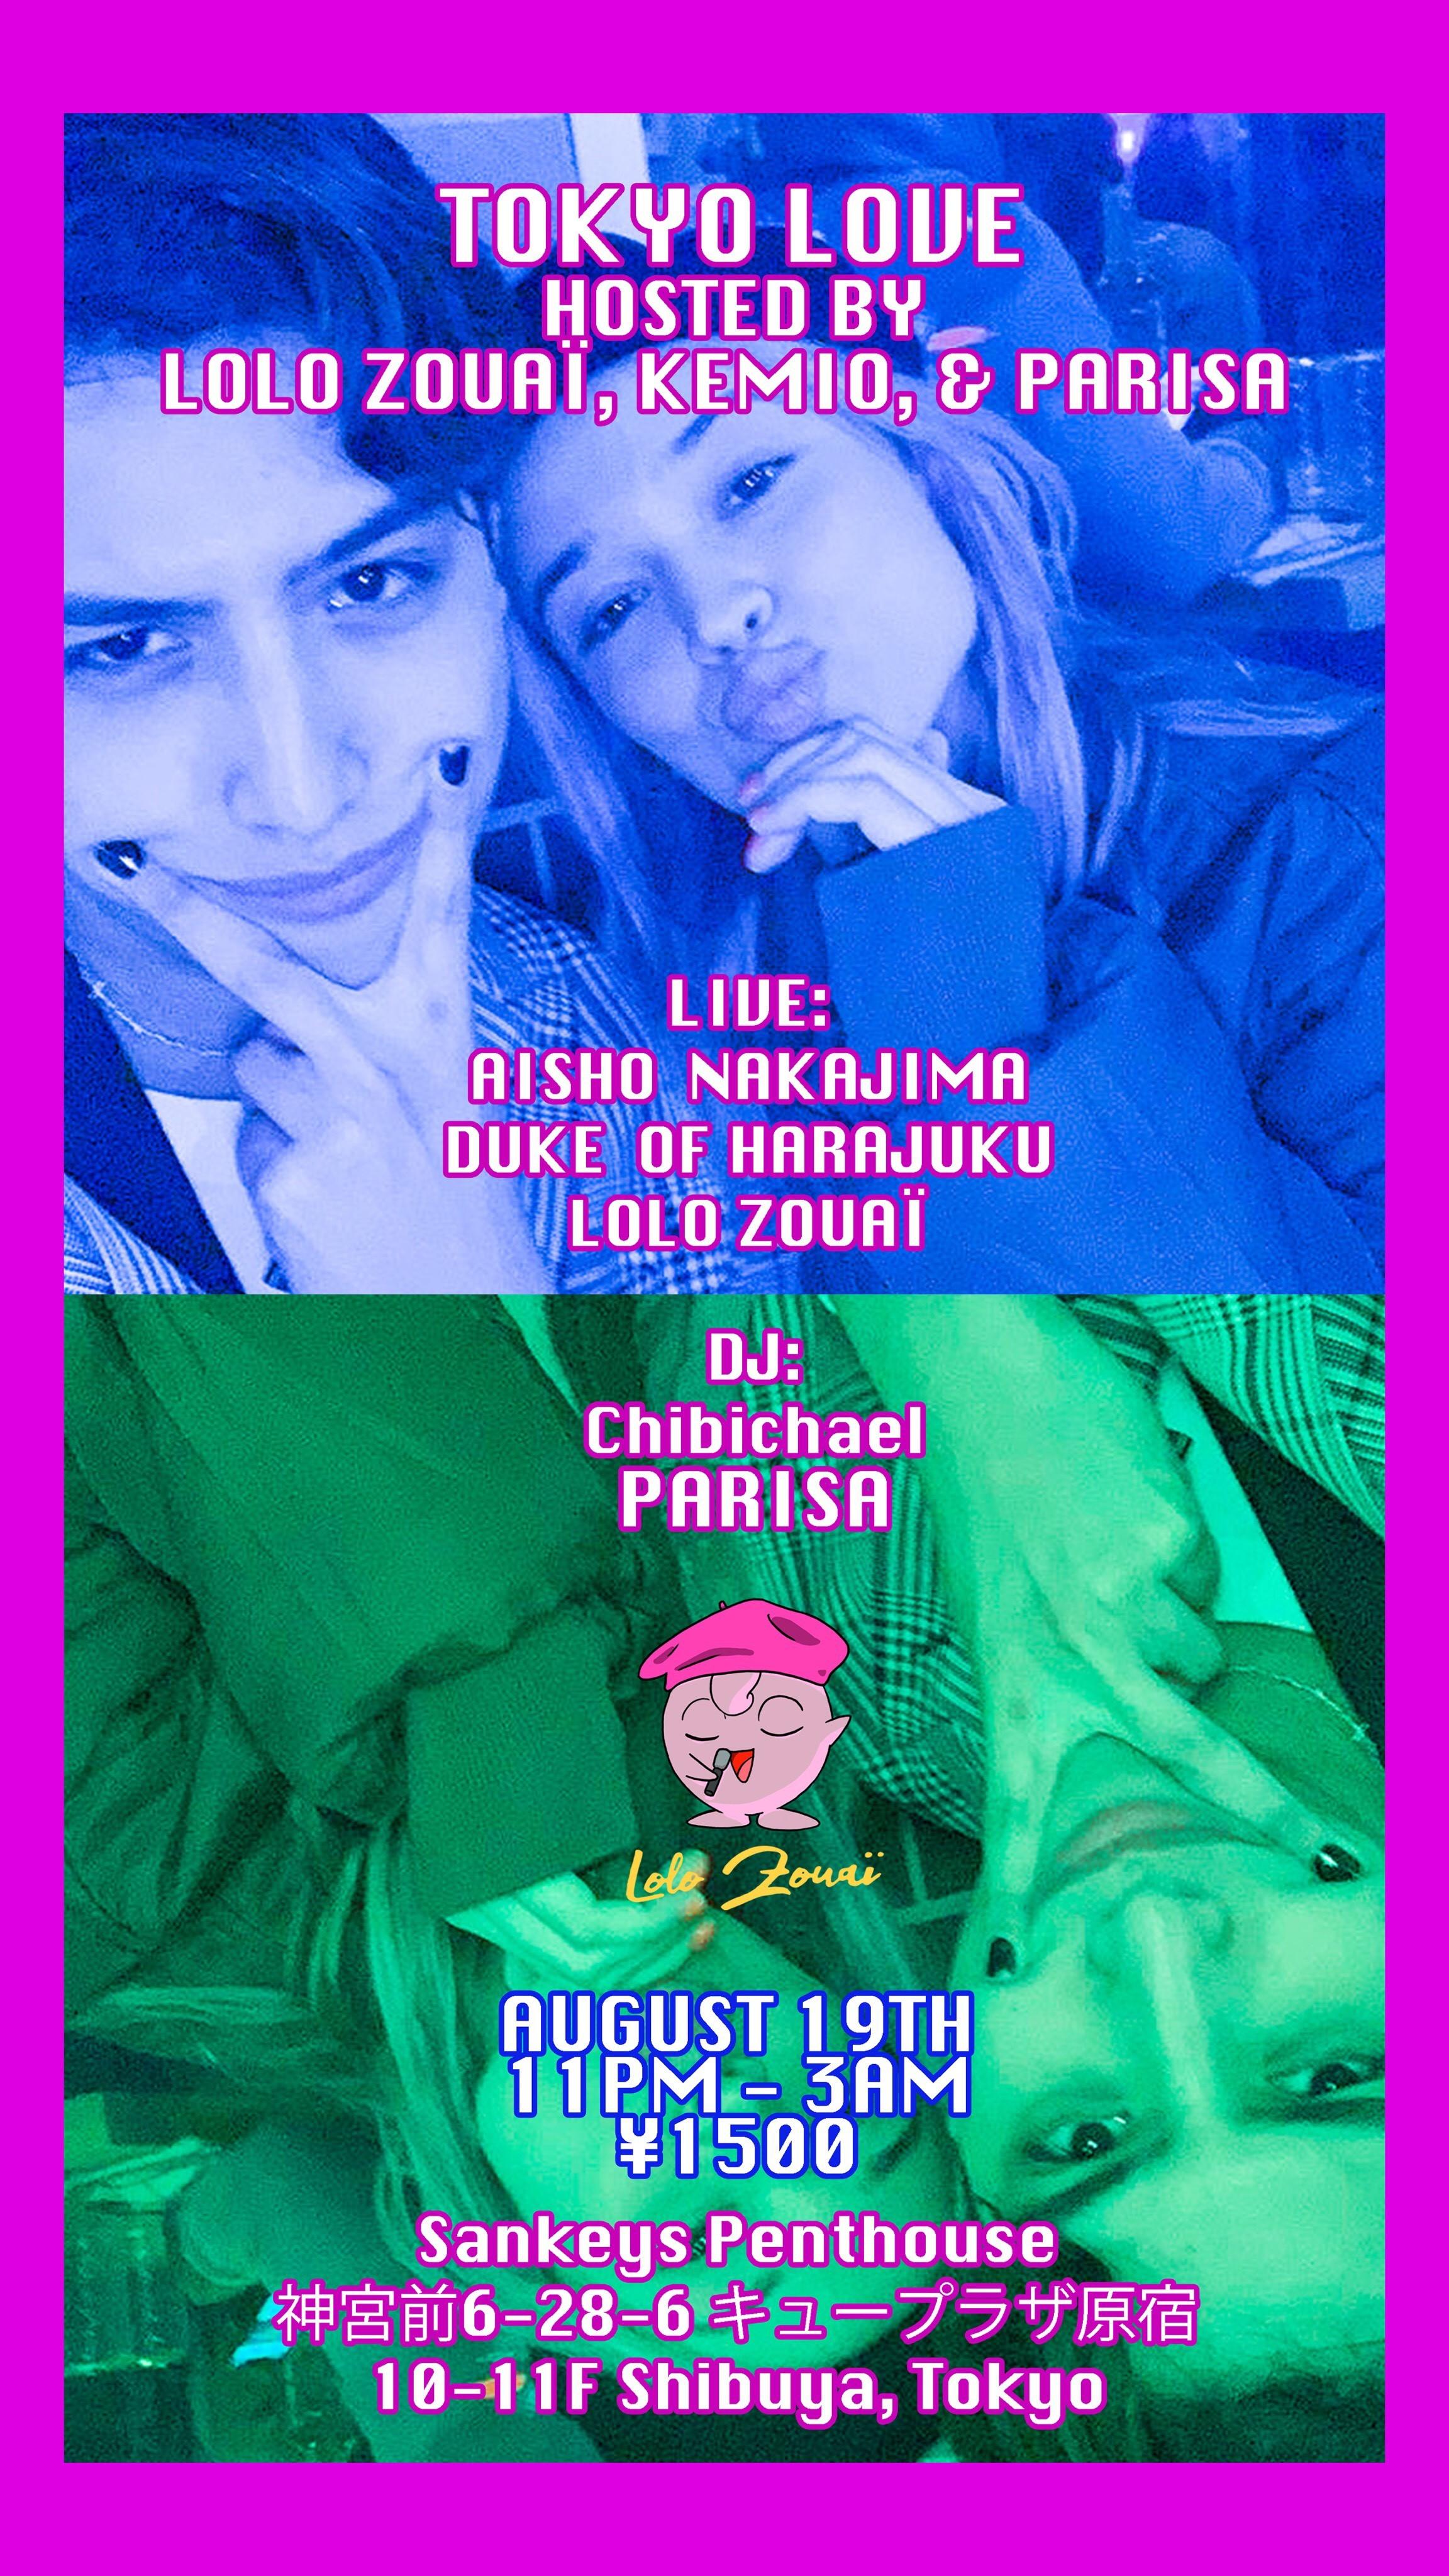 TOKYO LOVE HOSTED BY LOLO ZOUAI,KEMIO,& PARISA